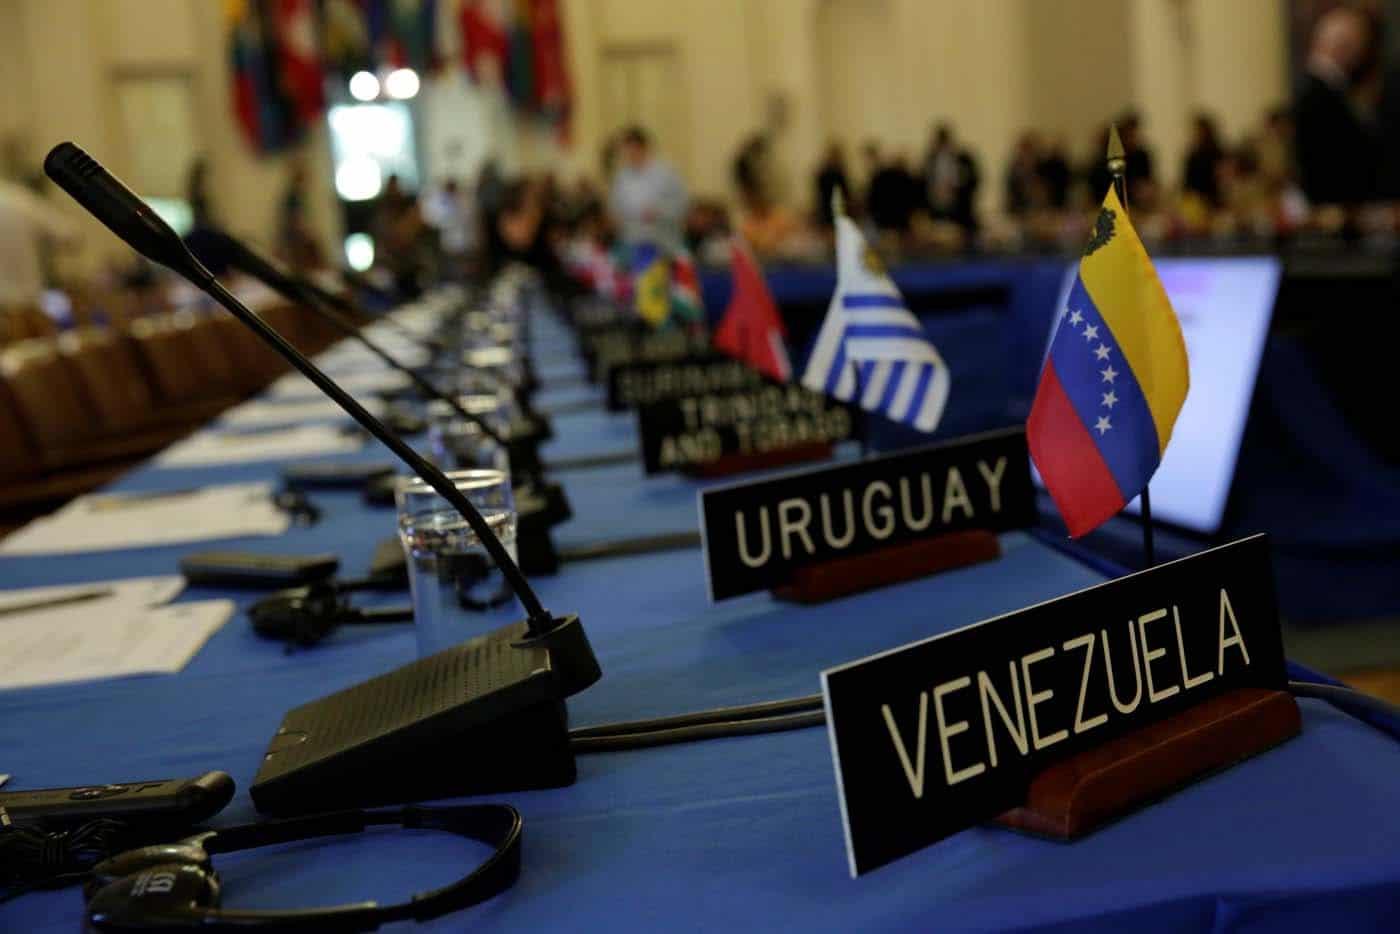 Los intentos fallidos de la OEA contra Venezuela